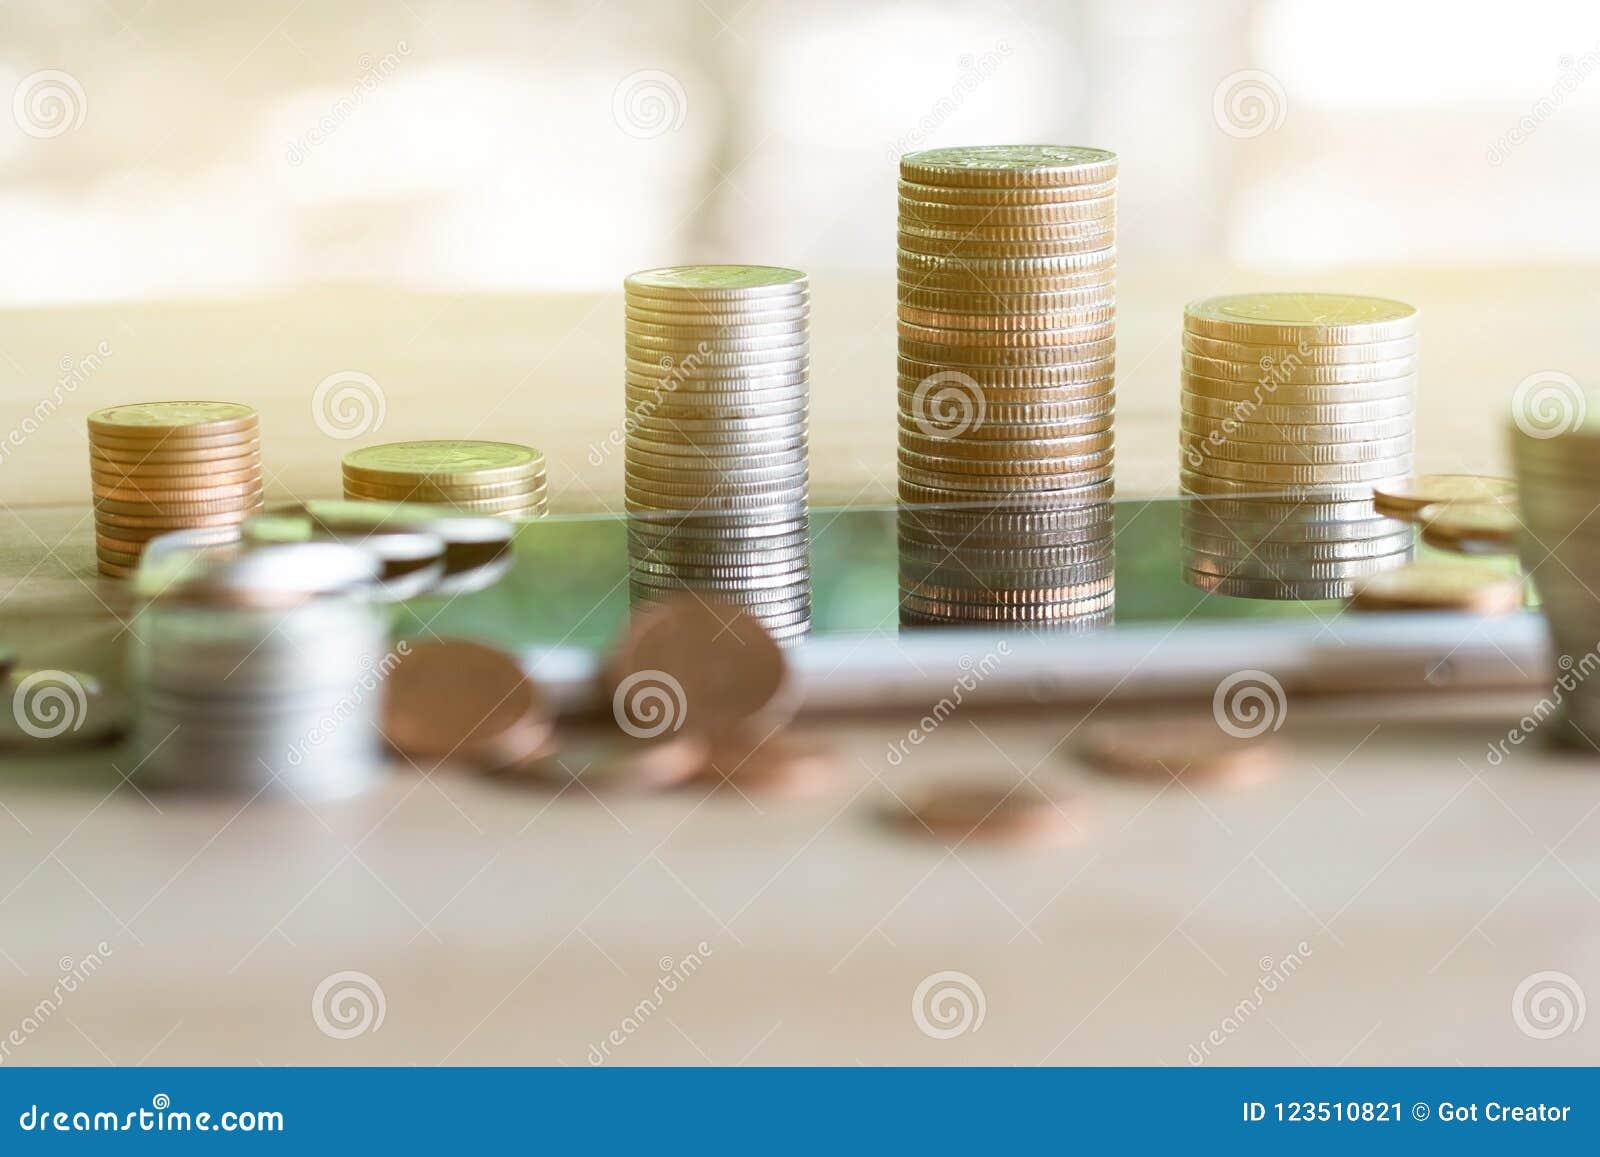 Pila delle monete di monete che risparmiano soldi e reddito o idee e gestione finanziaria di investimento per il futuro